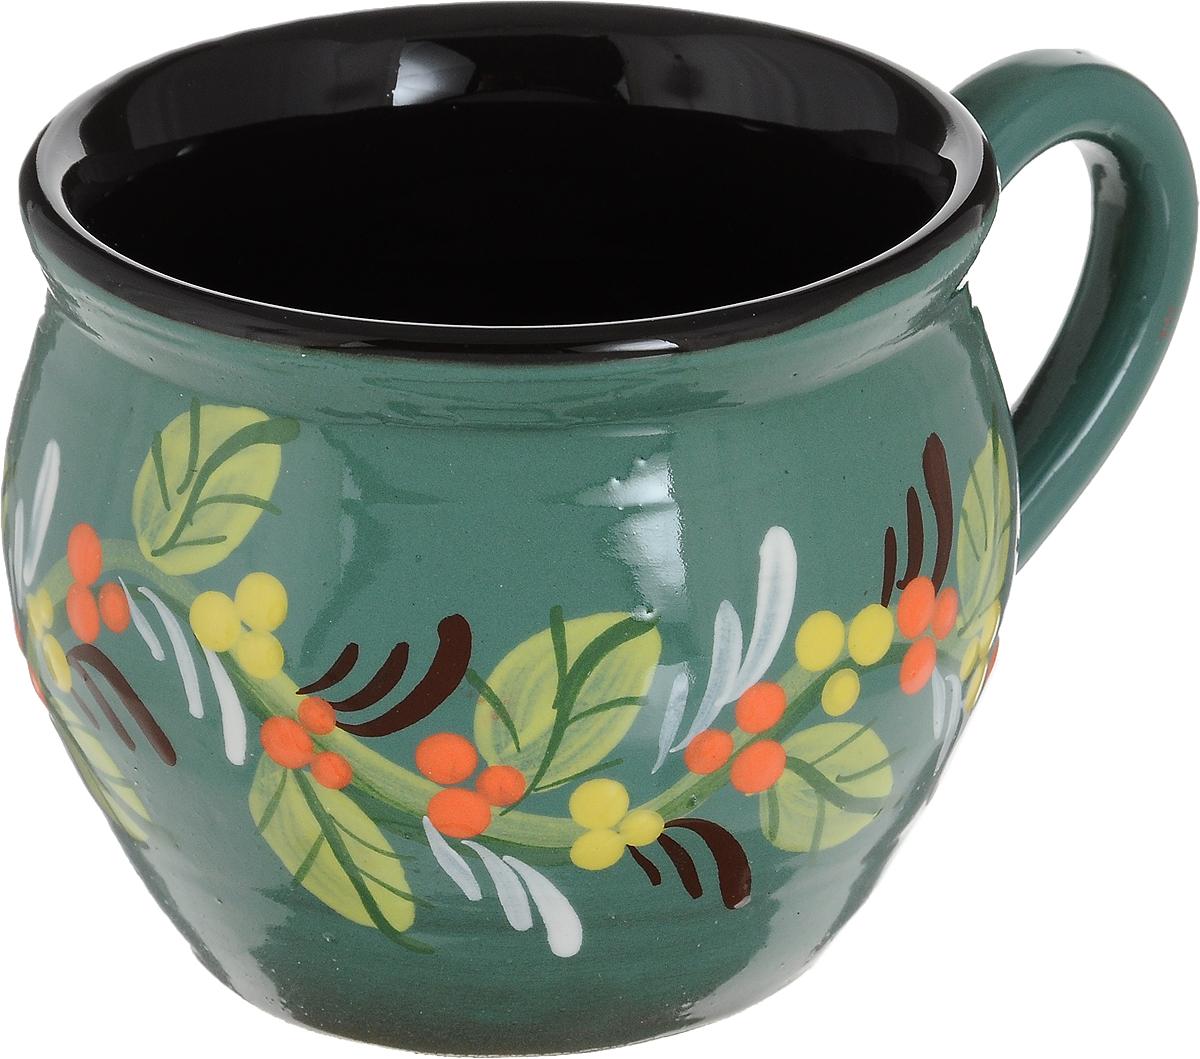 Чашка чайная Борисовская керамика Хэндмэйд, цвет: зеленый, 300 млОБЧ00003214_зеленый, веткаЧашка чайная Борисовская керамика Хэндмэйд, цвет: зеленый, 300 мл